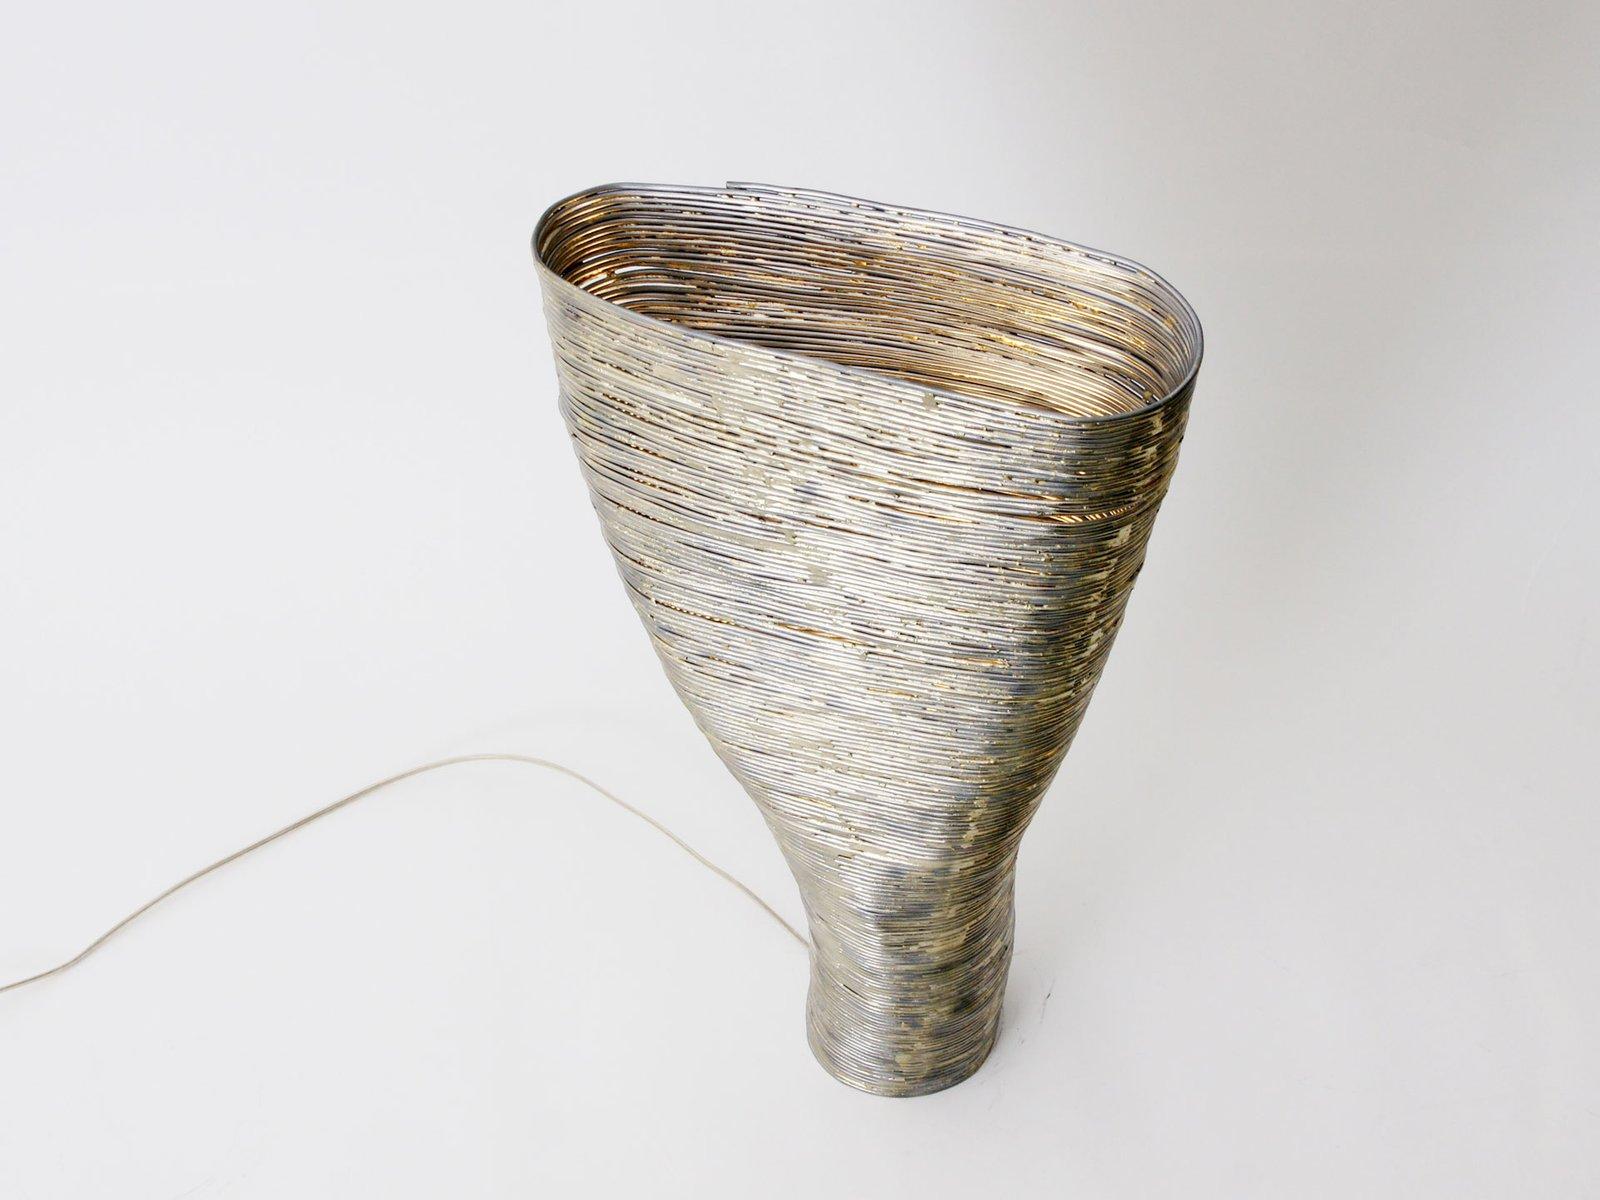 Wrap Tischlampe aus Buche & Stahl von Johannes Hemann